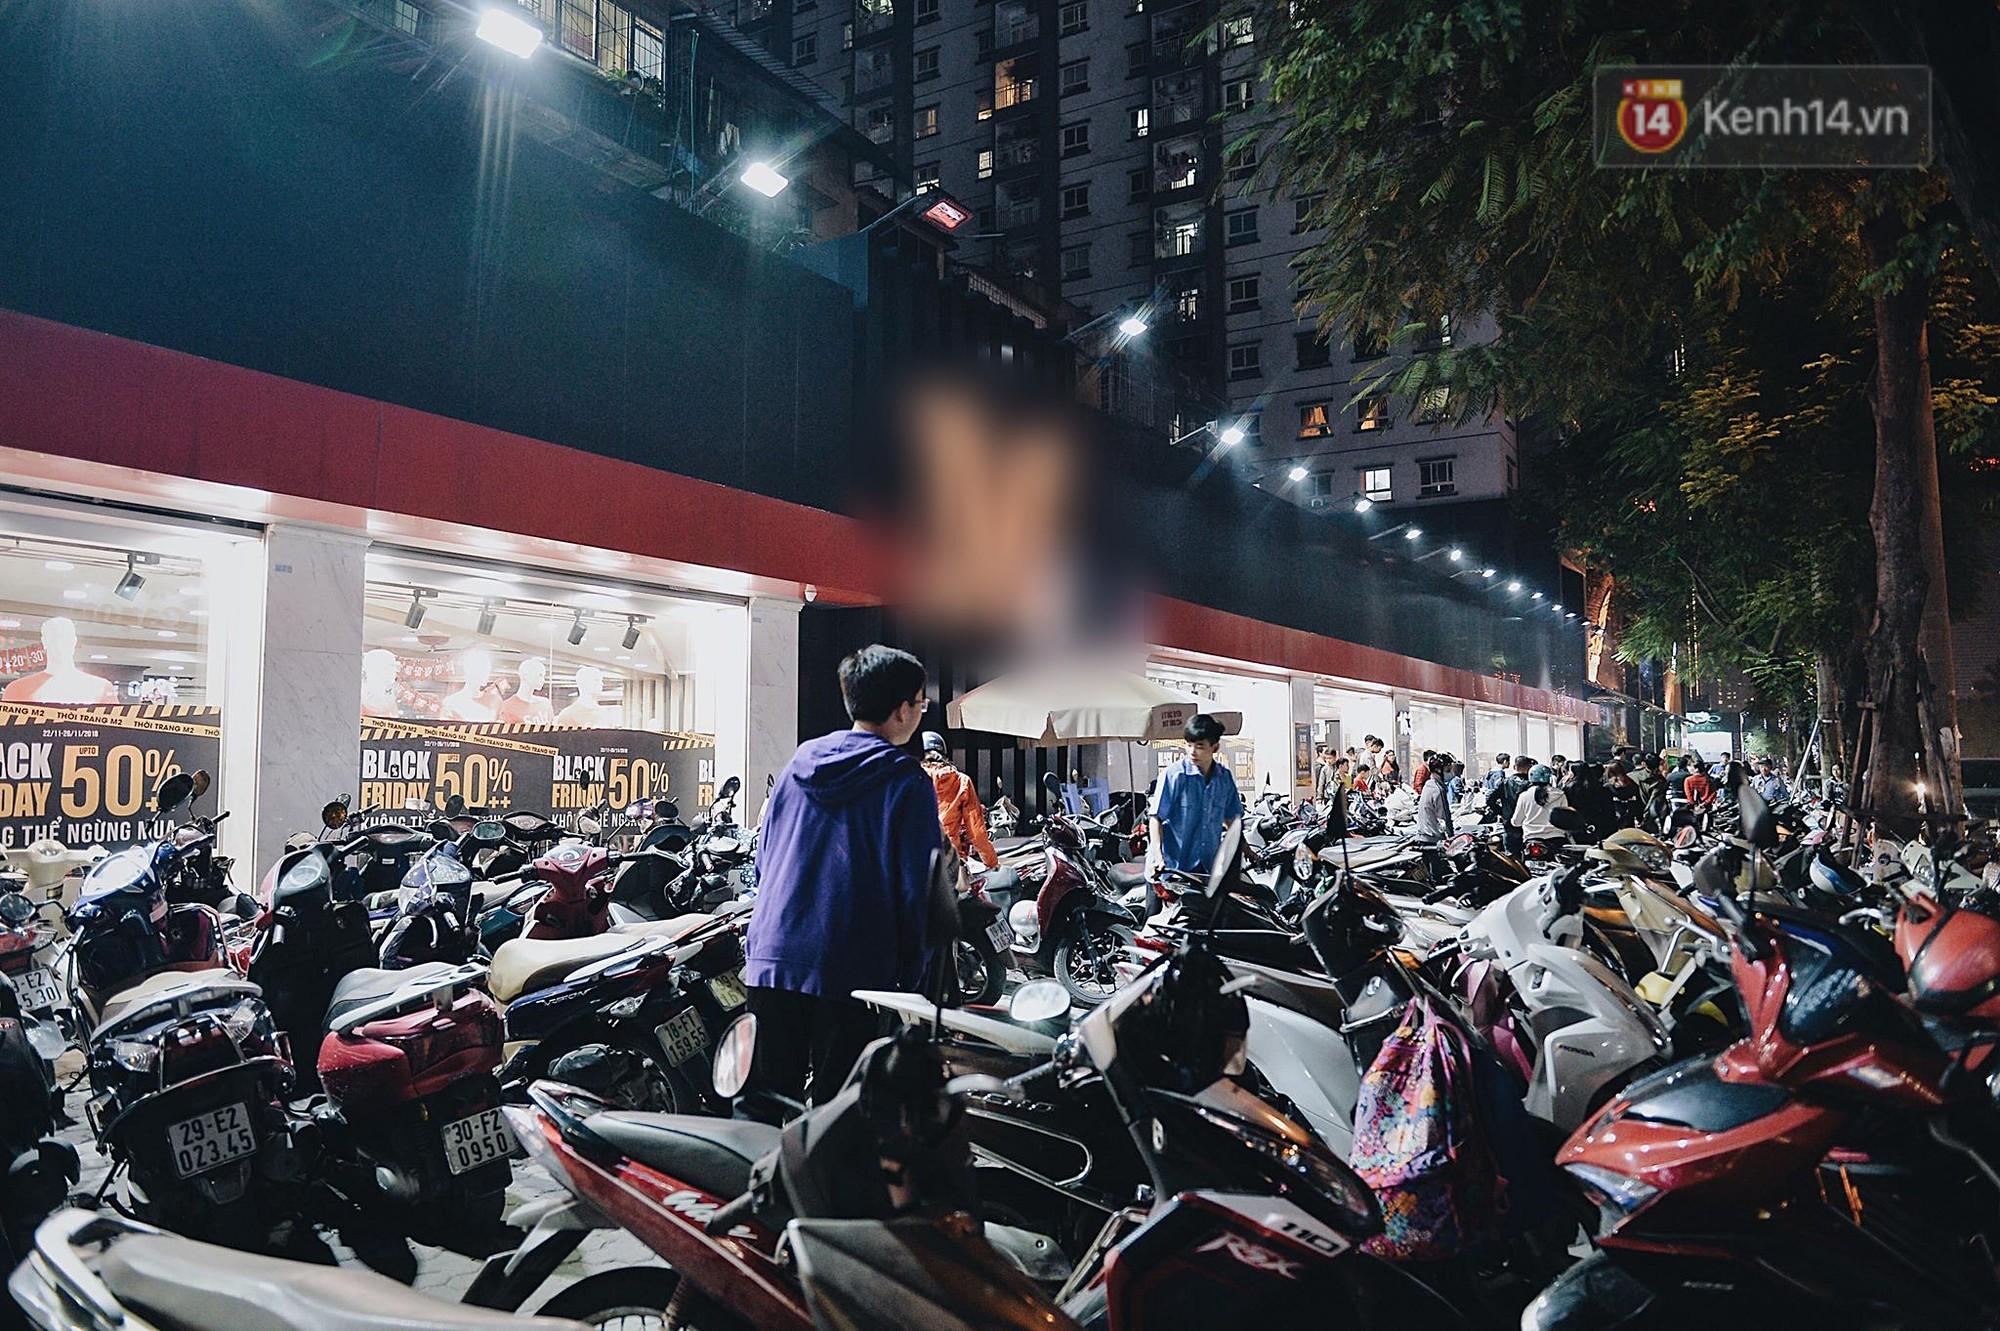 Tối ngày Black Friday ở Hà Nội: Đường phố tắc nghẽn vì bão sale chưa hạ nhiệt - Ảnh 1.